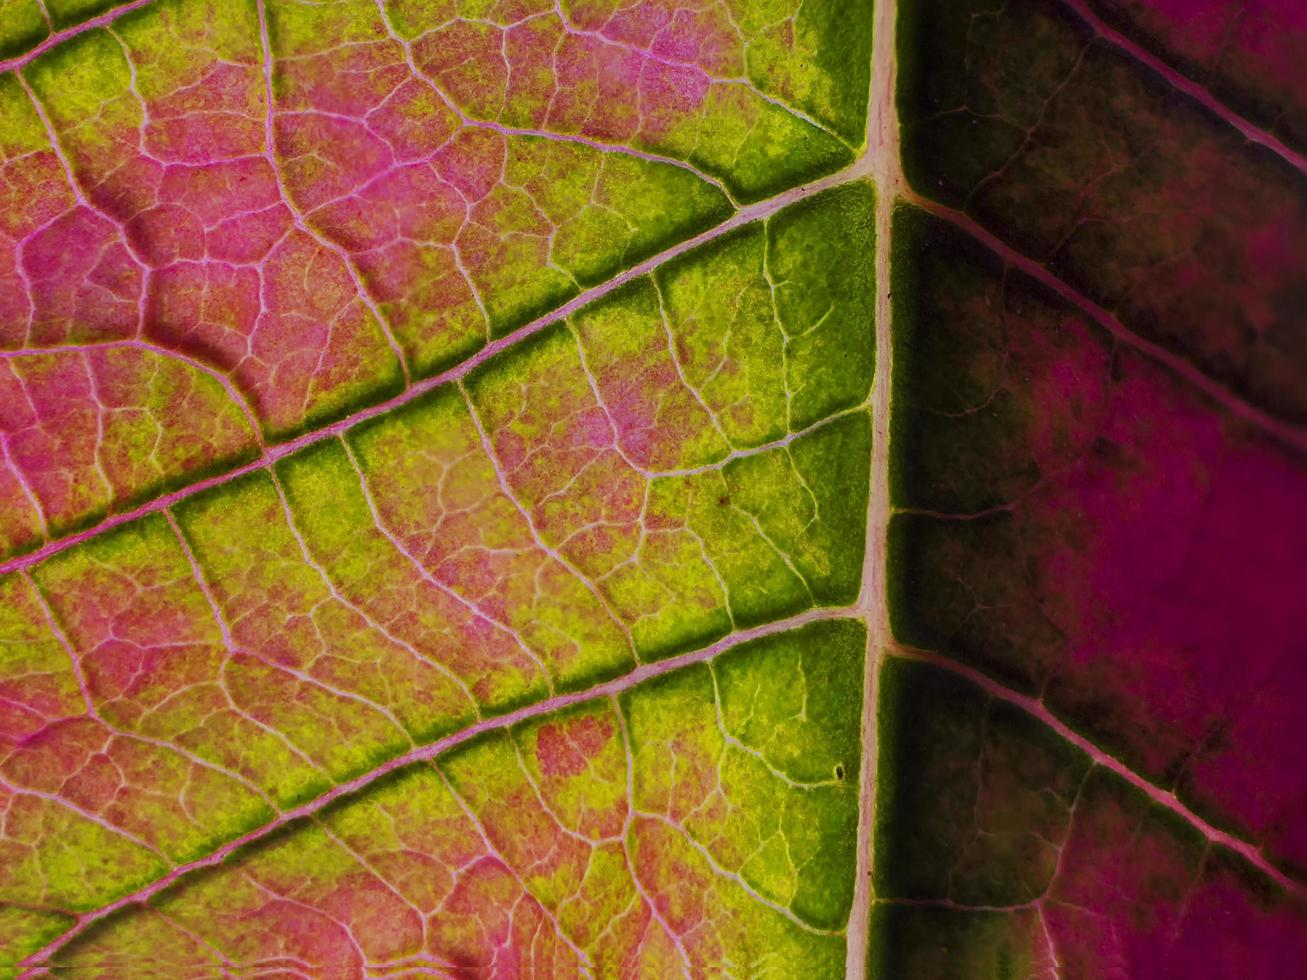 Poinsettia leaf close-up photo